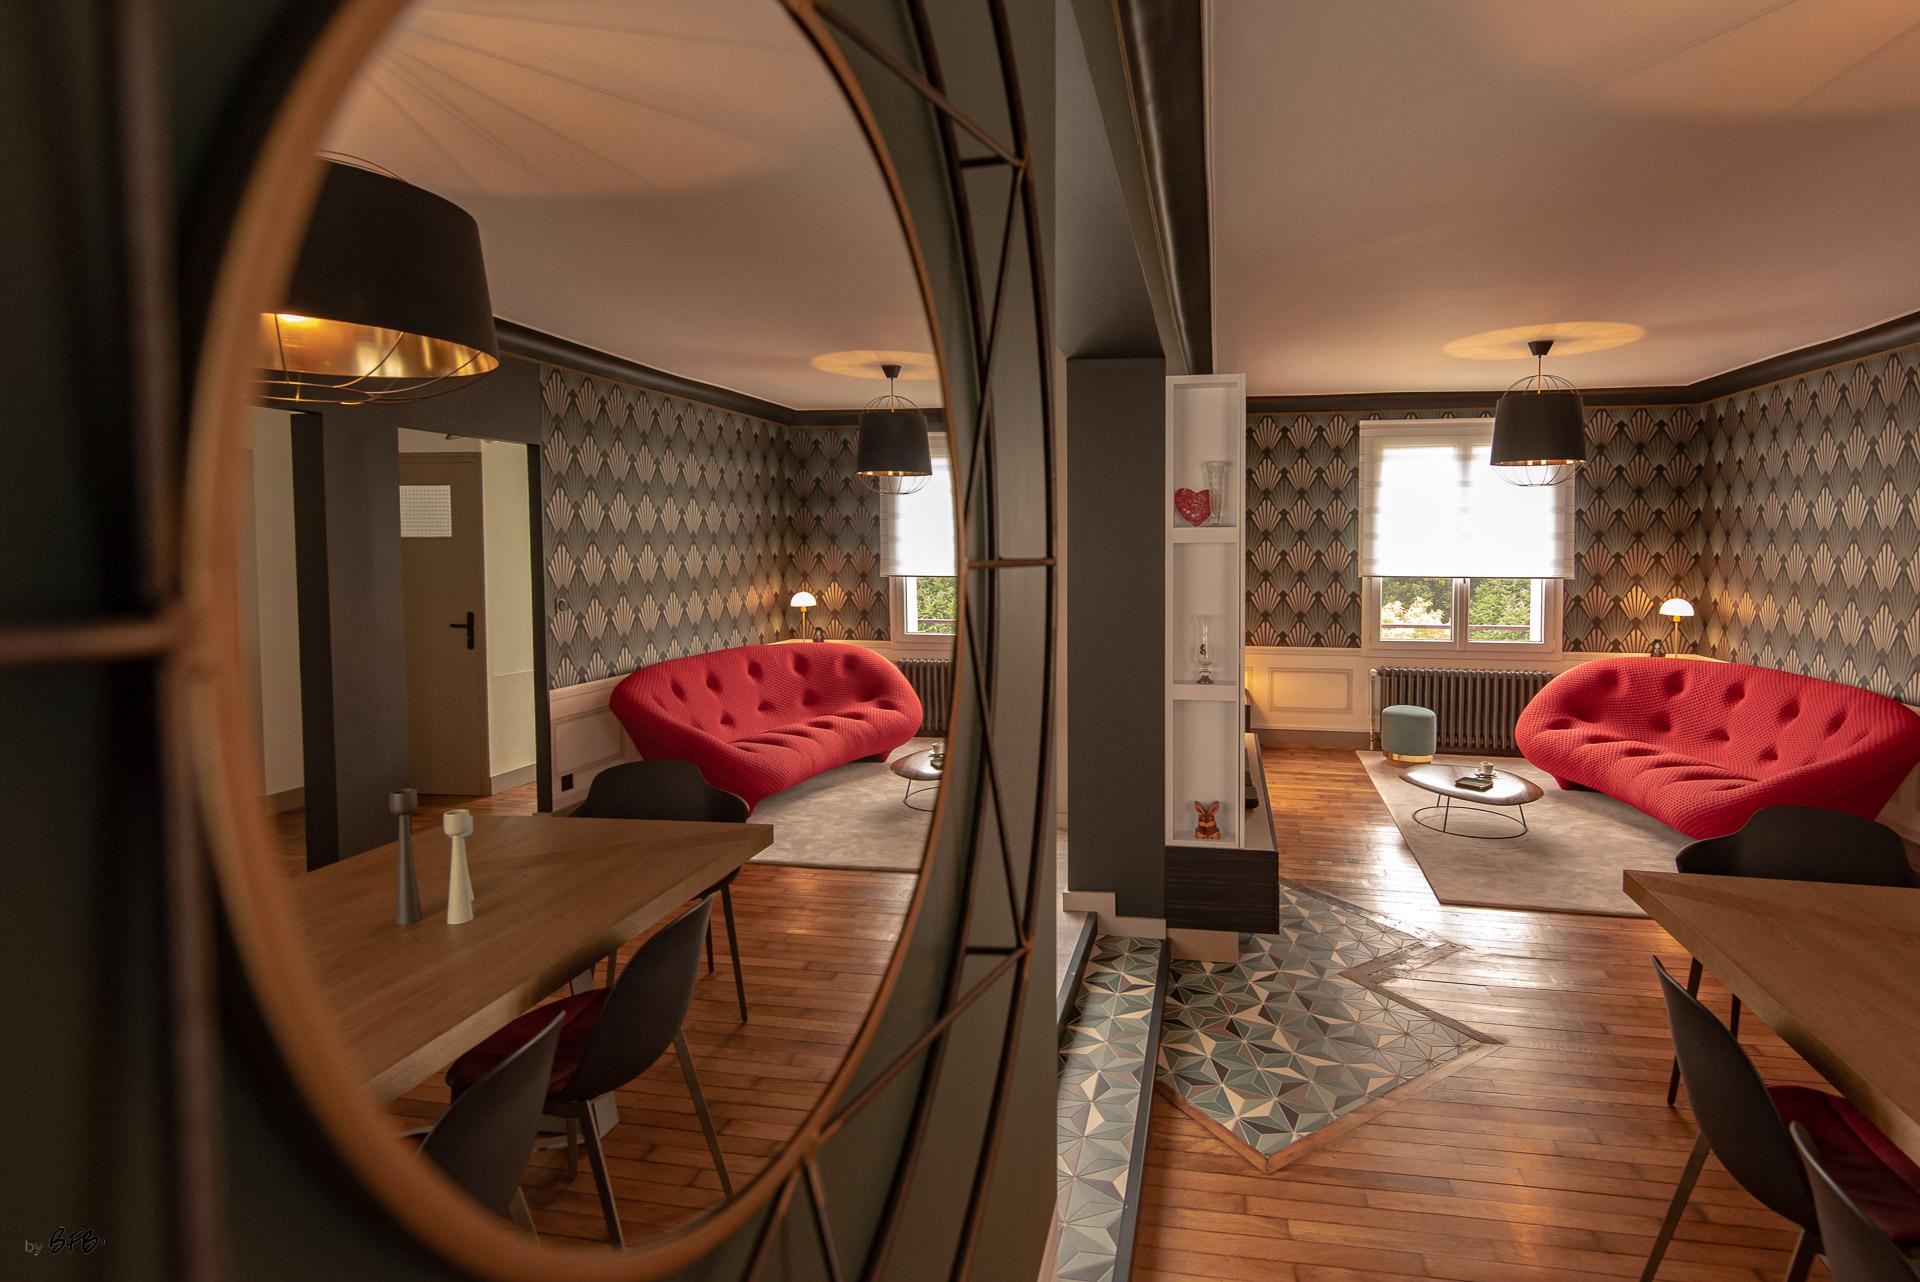 Création ambiance, rénovation, extension, maison à Brest, by Agence BFB Morbihan & Ile de Ré, miroir Art-Déco, canapé rouge, mur vert et papier Art-déco